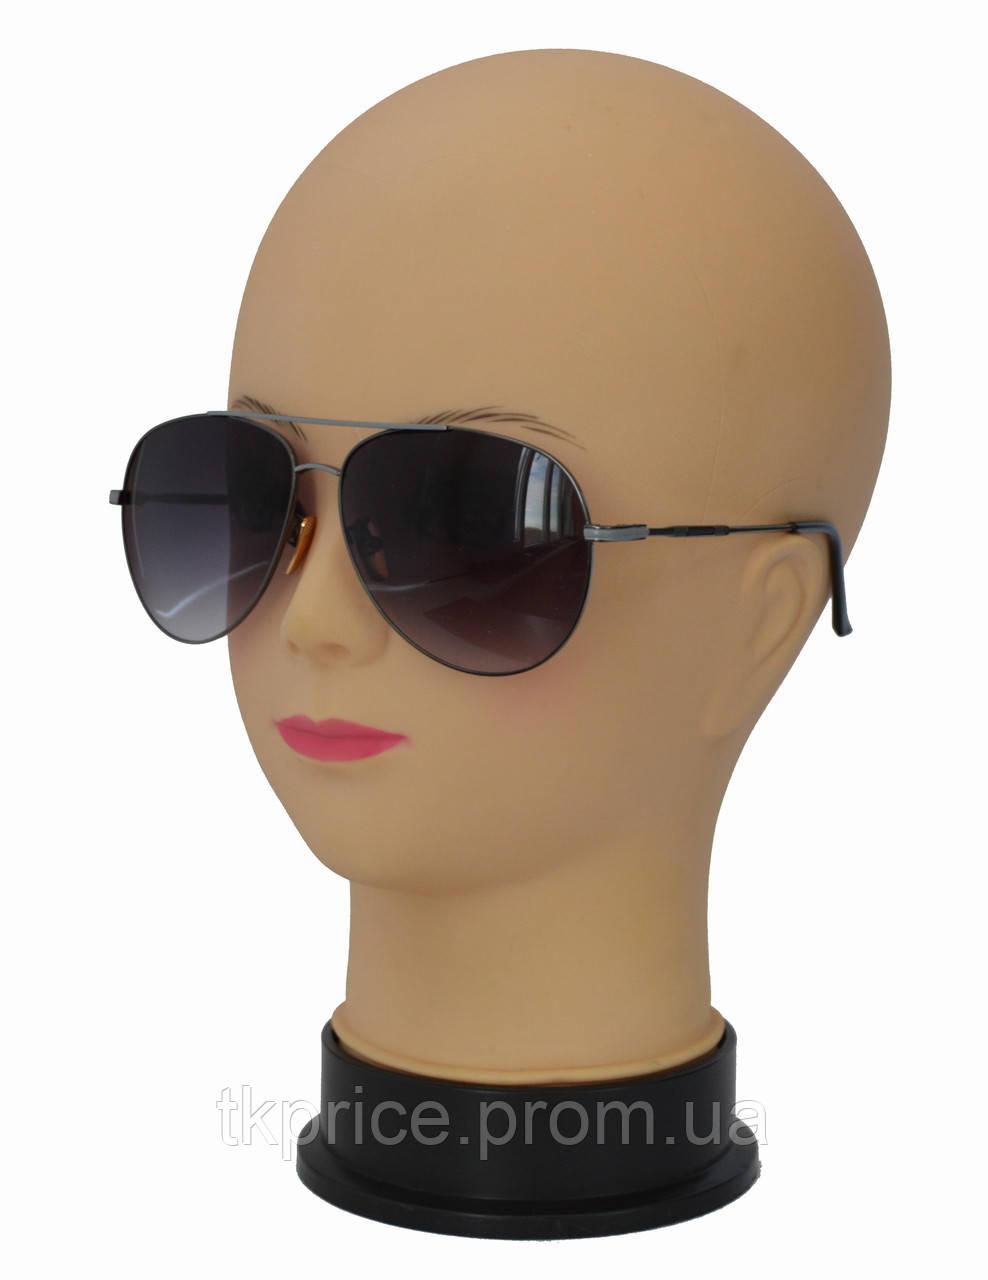 Стильные солнцезащитные очки авиатор 8005